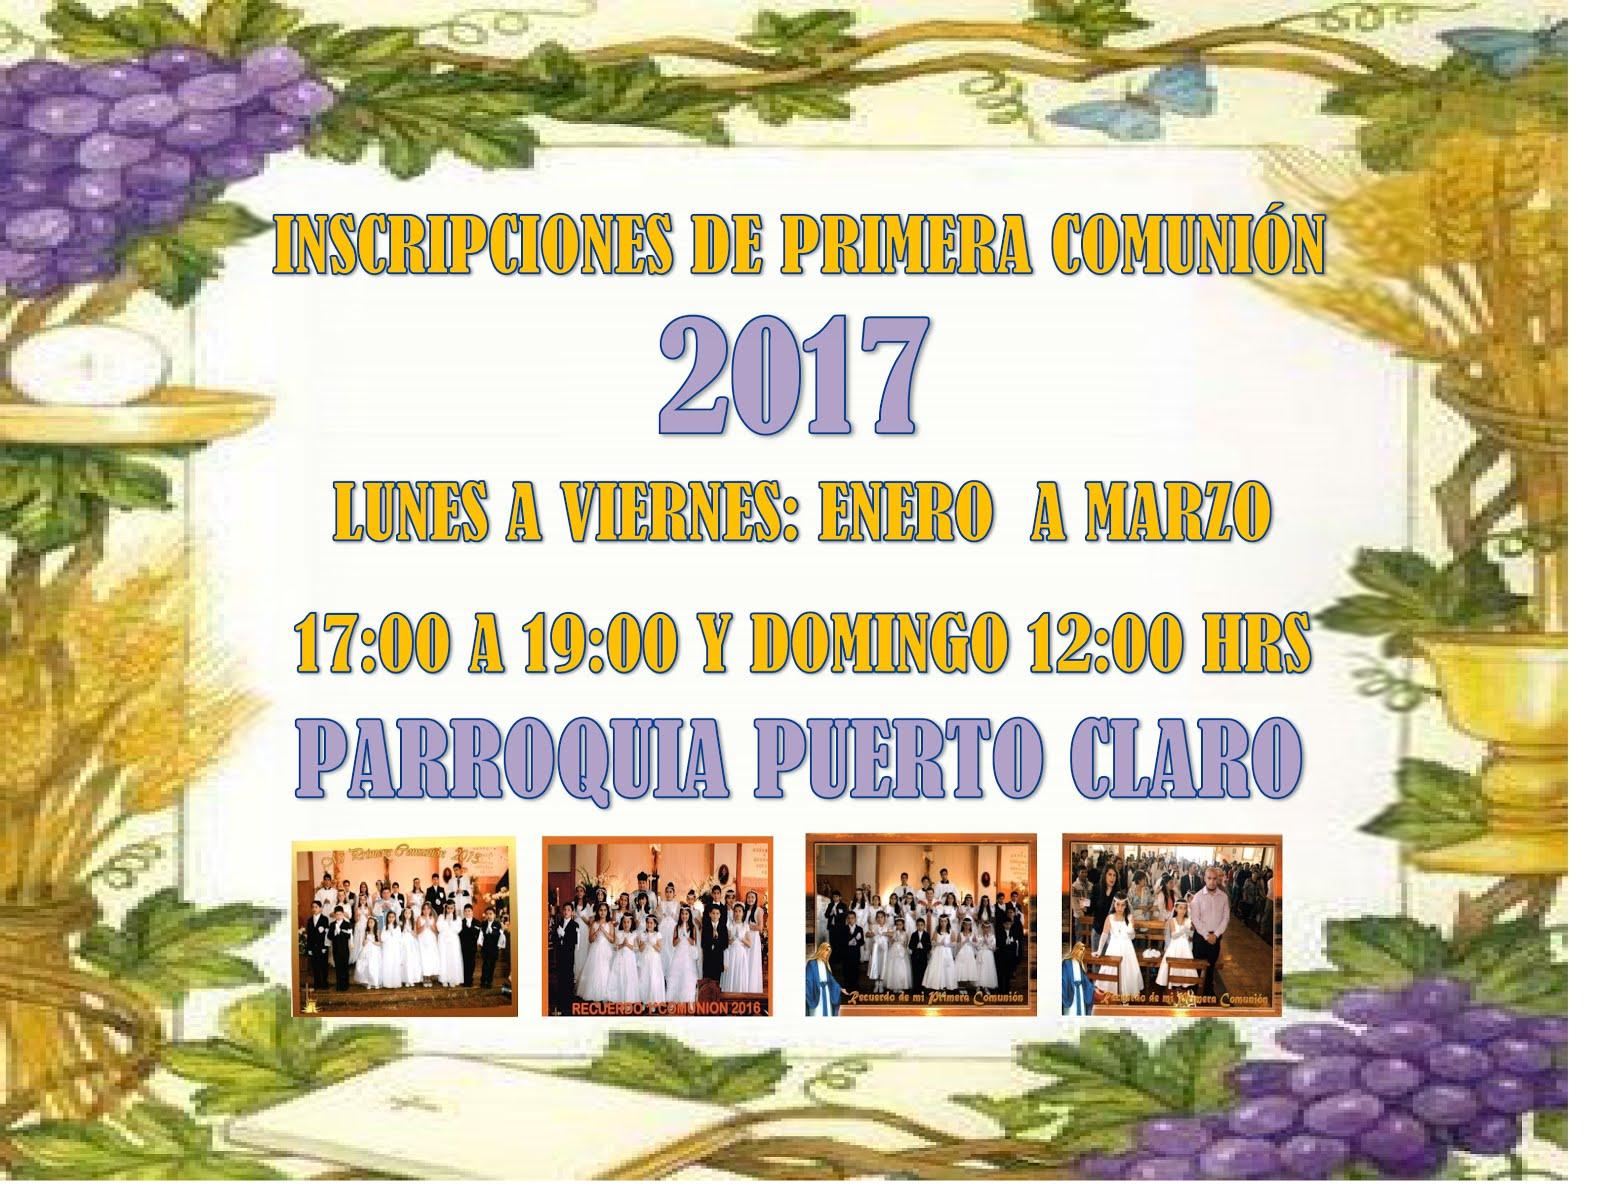 Our lady of mercy of clare port actividades parroquiales - Mes de enero 2017 ...